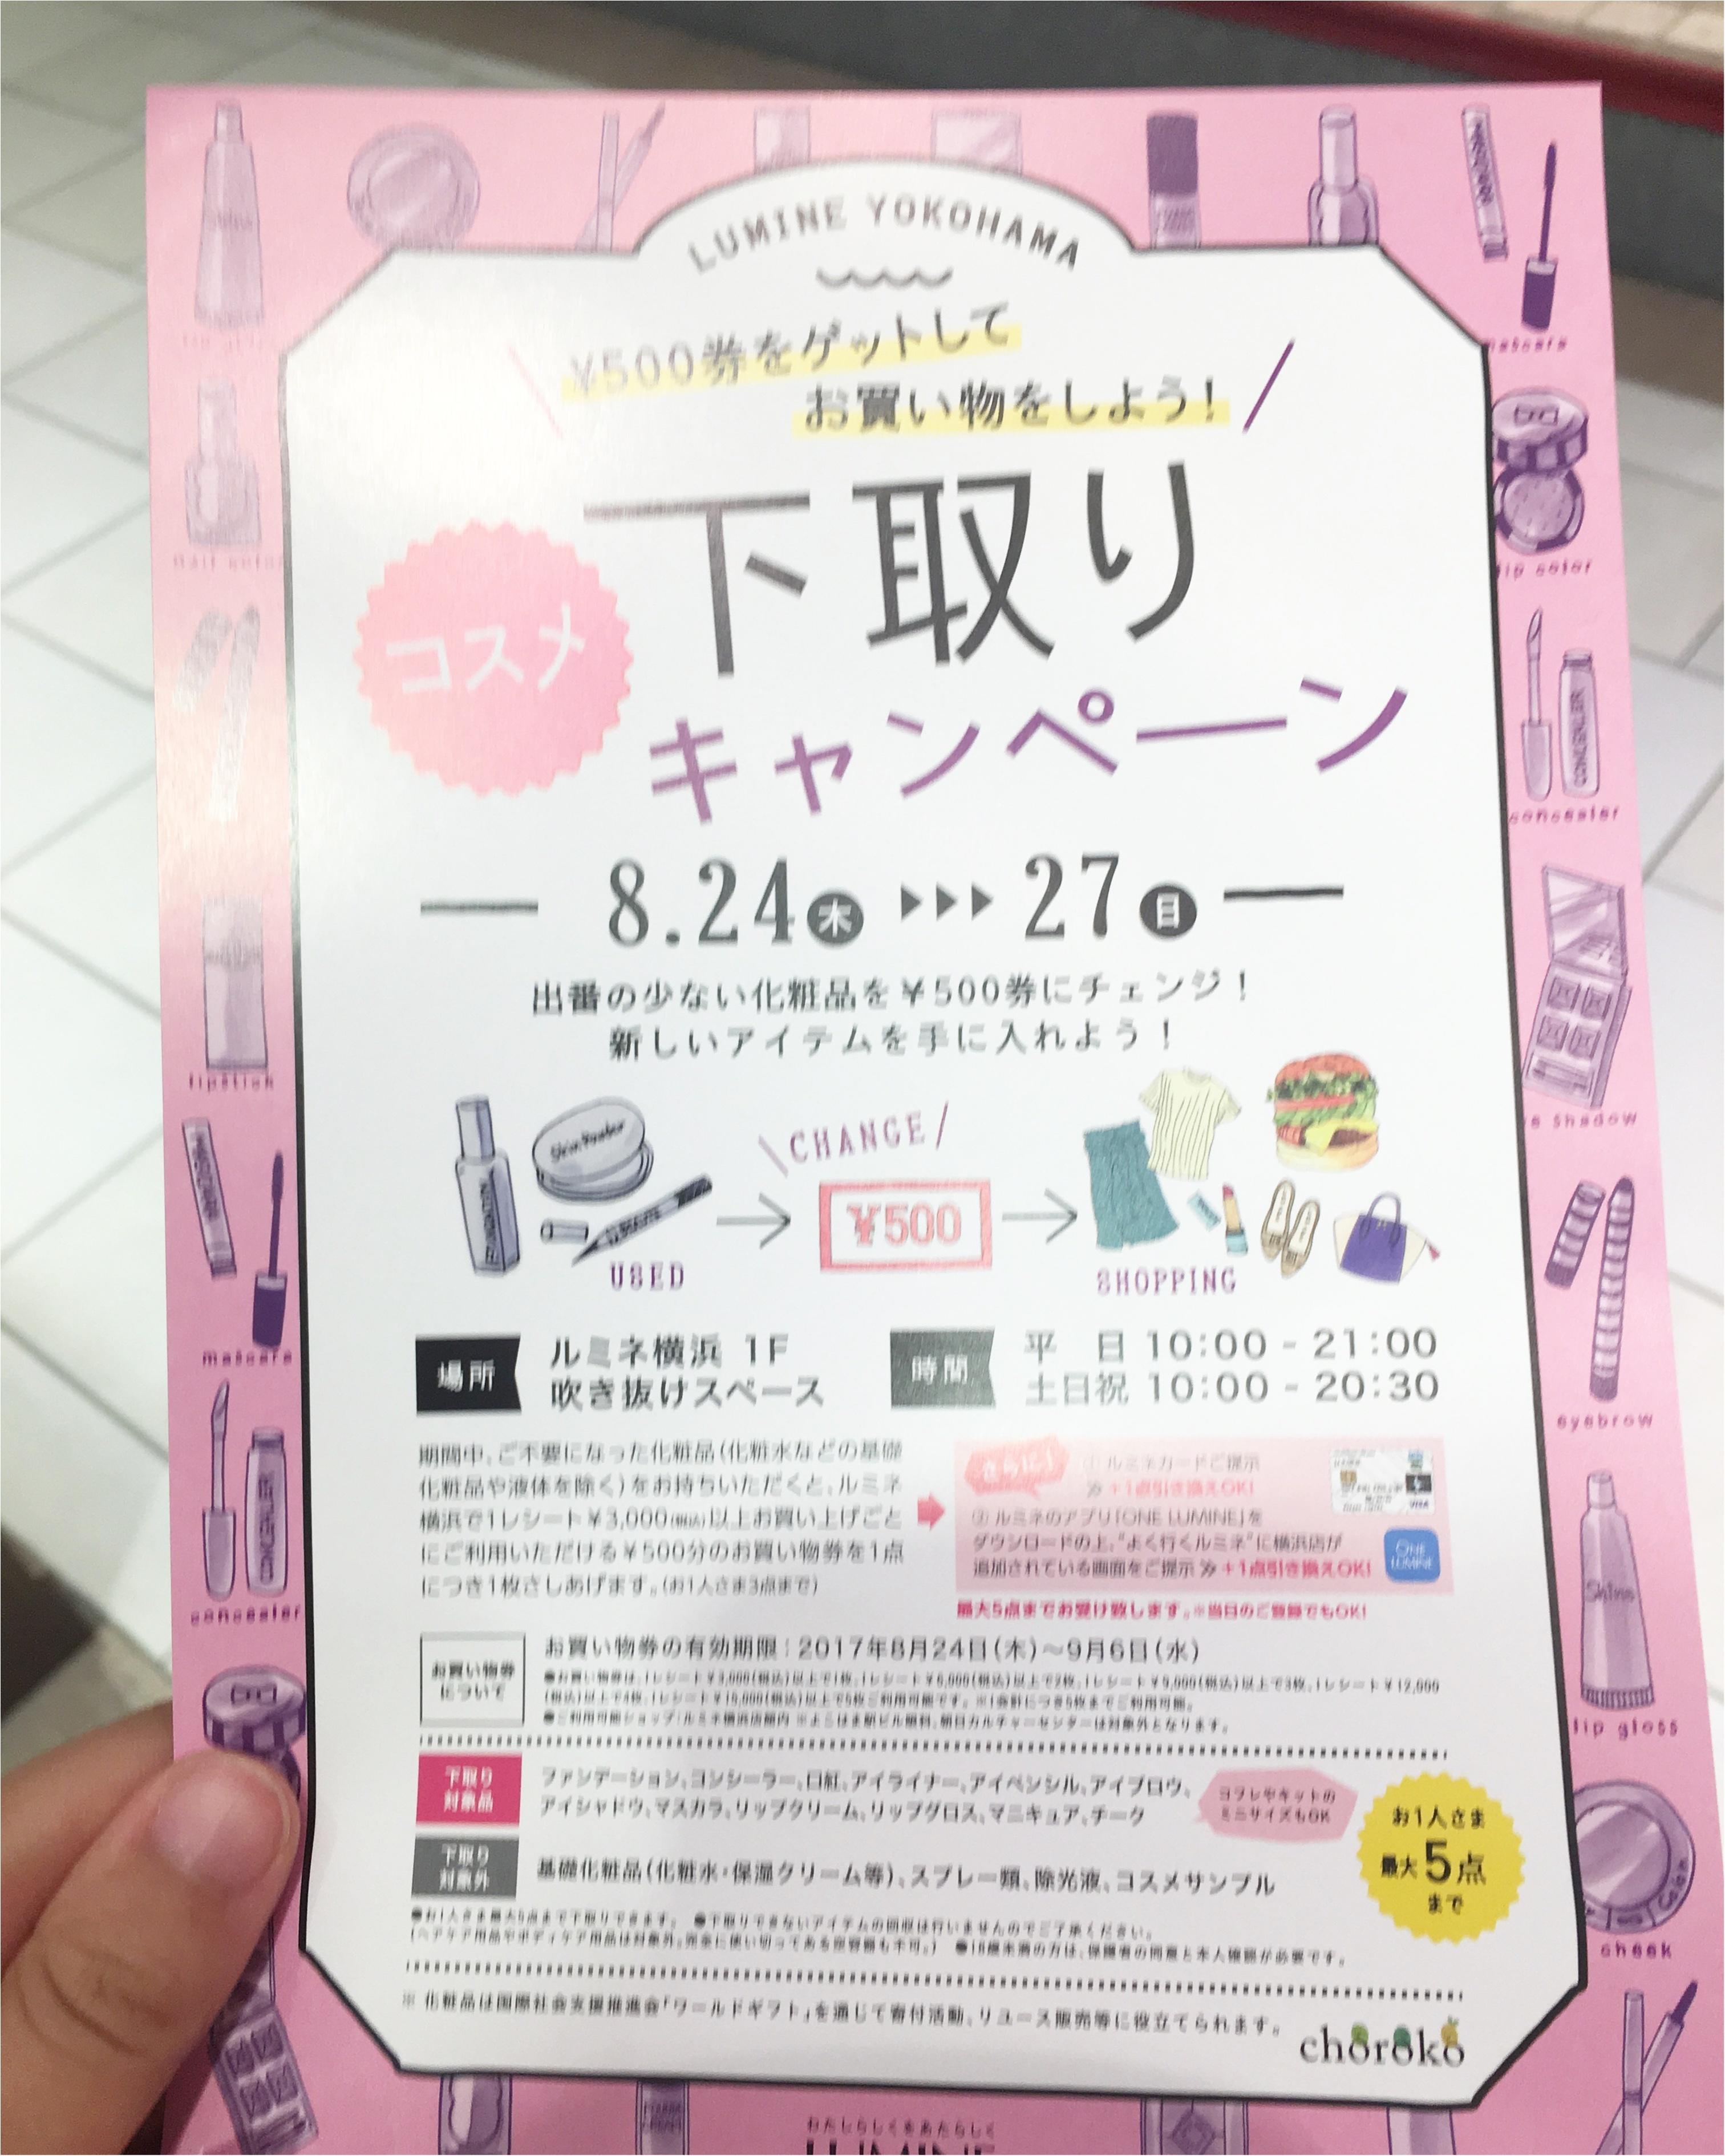 【8/27まで!】横浜ルミネ「コスメ下取り」でエコにお得にお買い物!_1